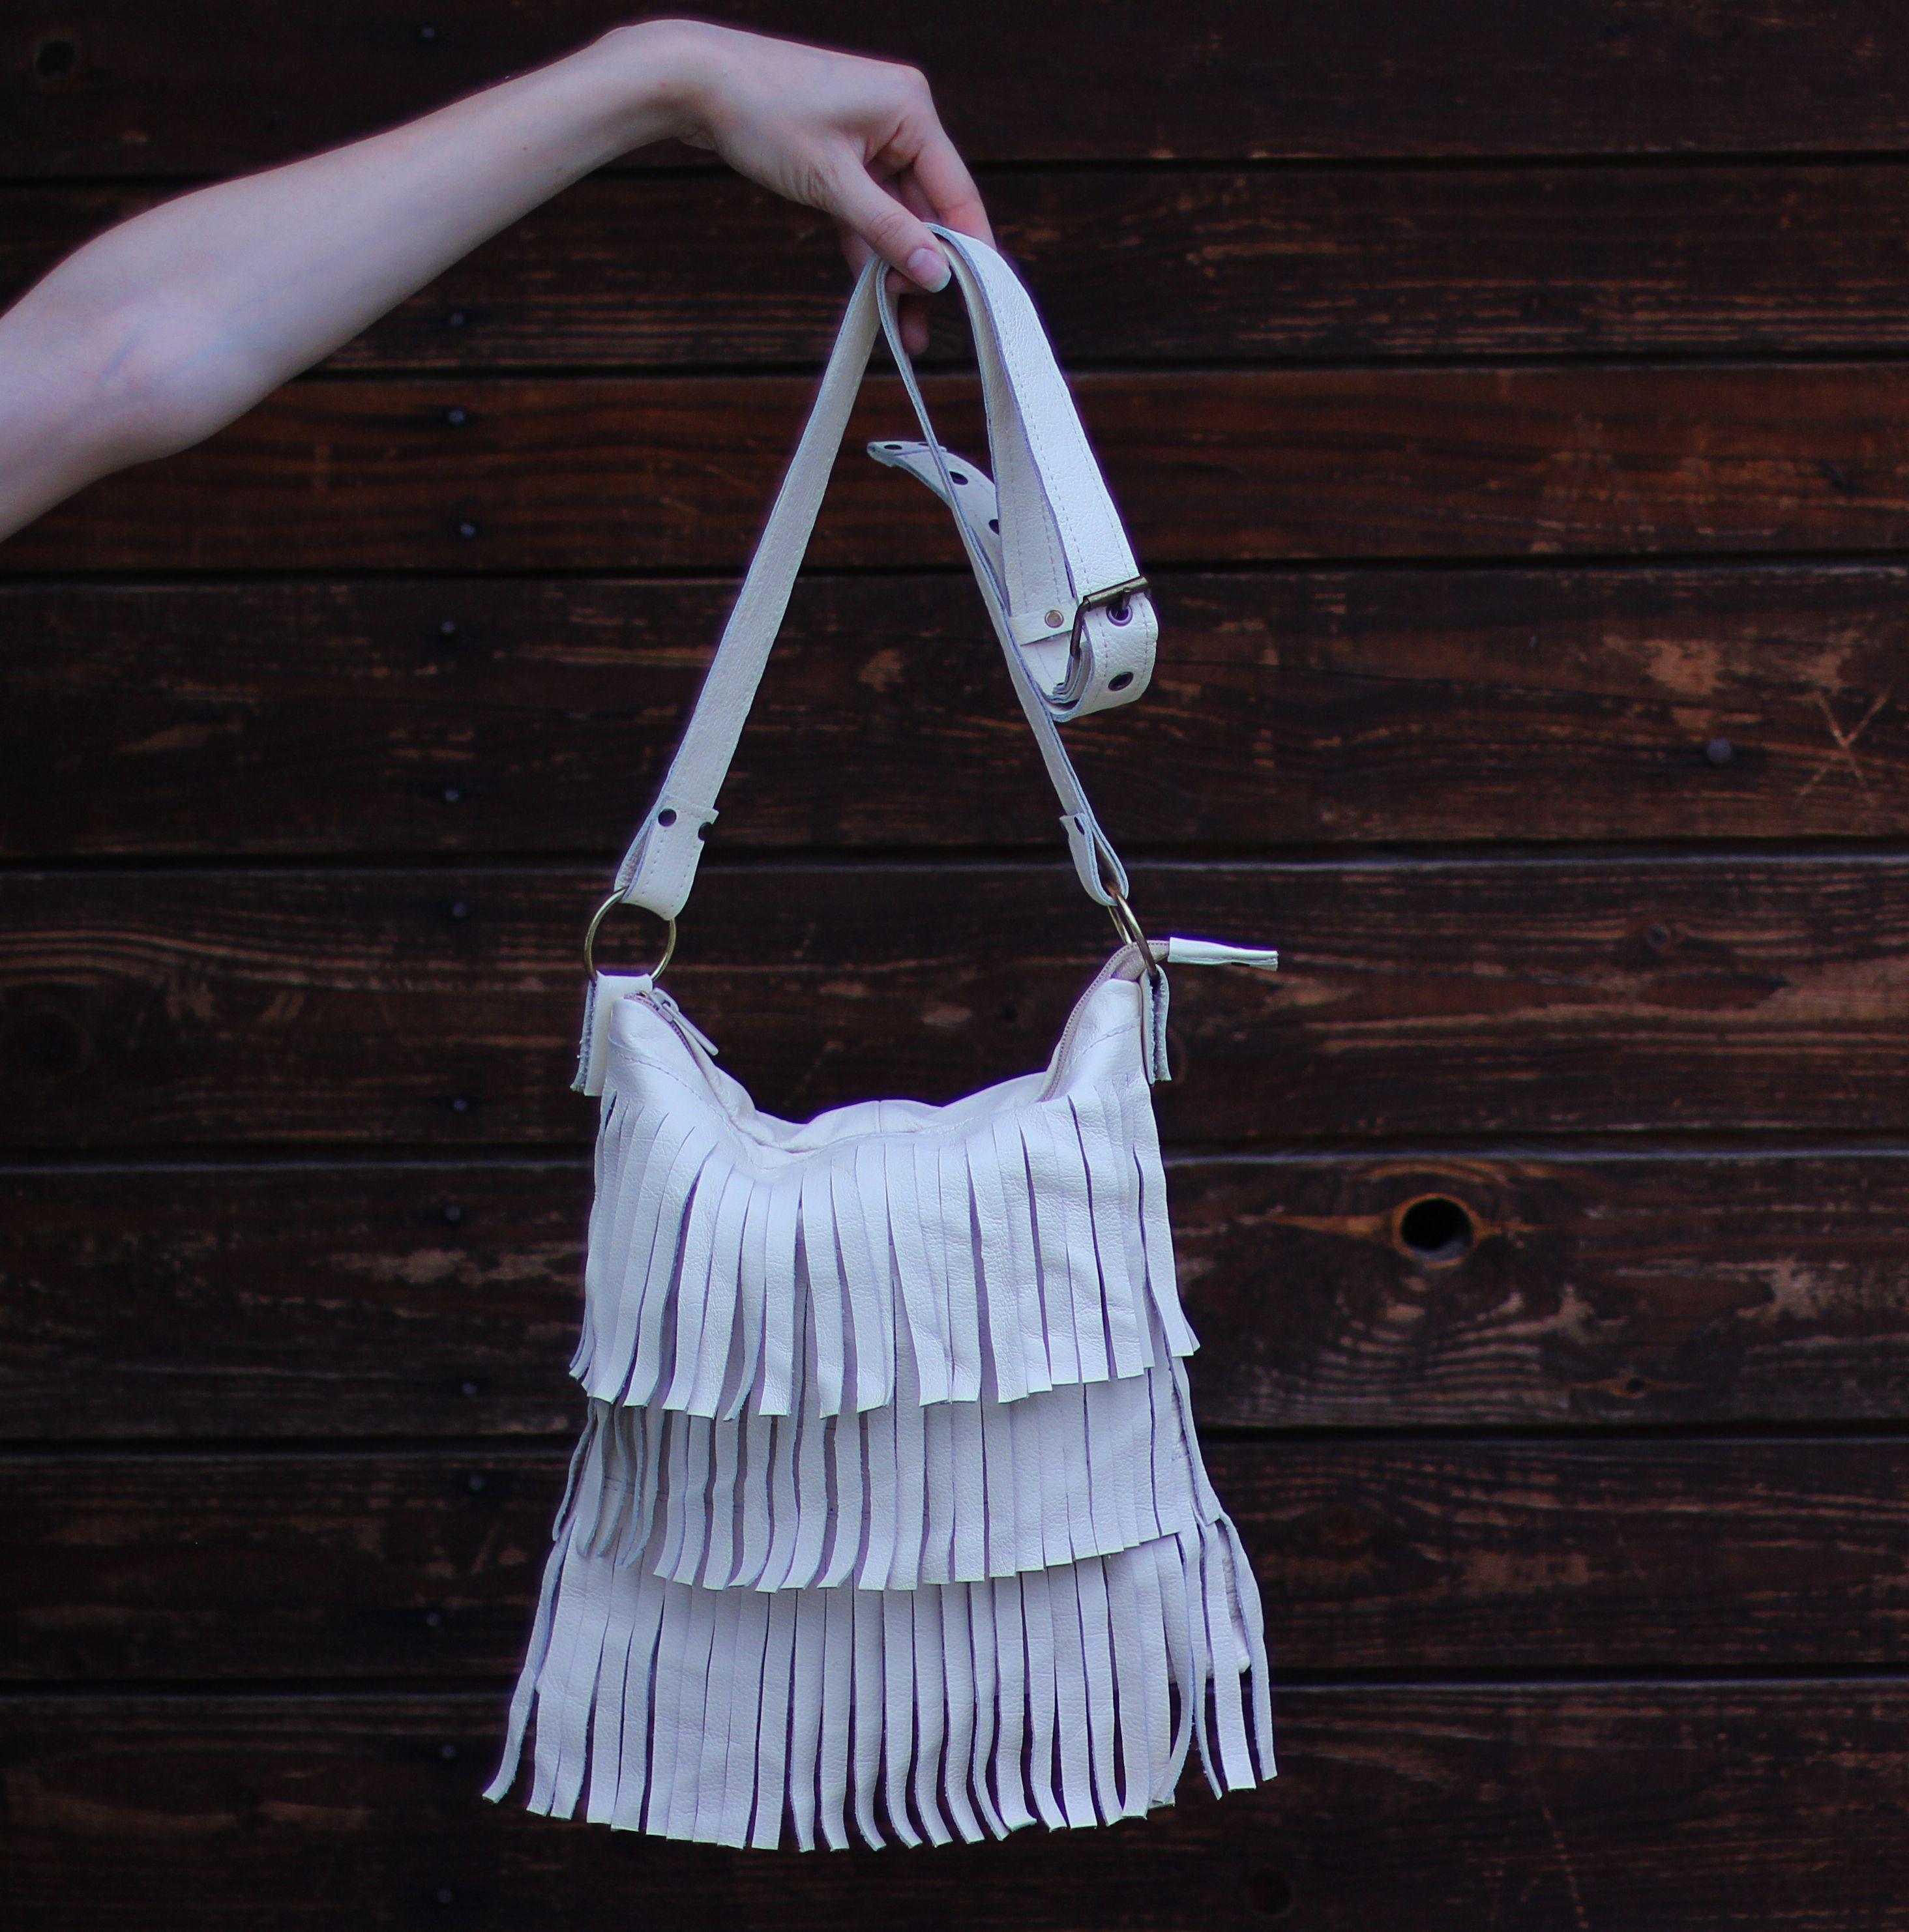 светлая купитьсумку вместительная кожаная стильбохо бахрома белаясумка купитьподарок кожанаясумка яркая сумка дизайнерская ручная авторская купить женская бохо кожа стильная подарок